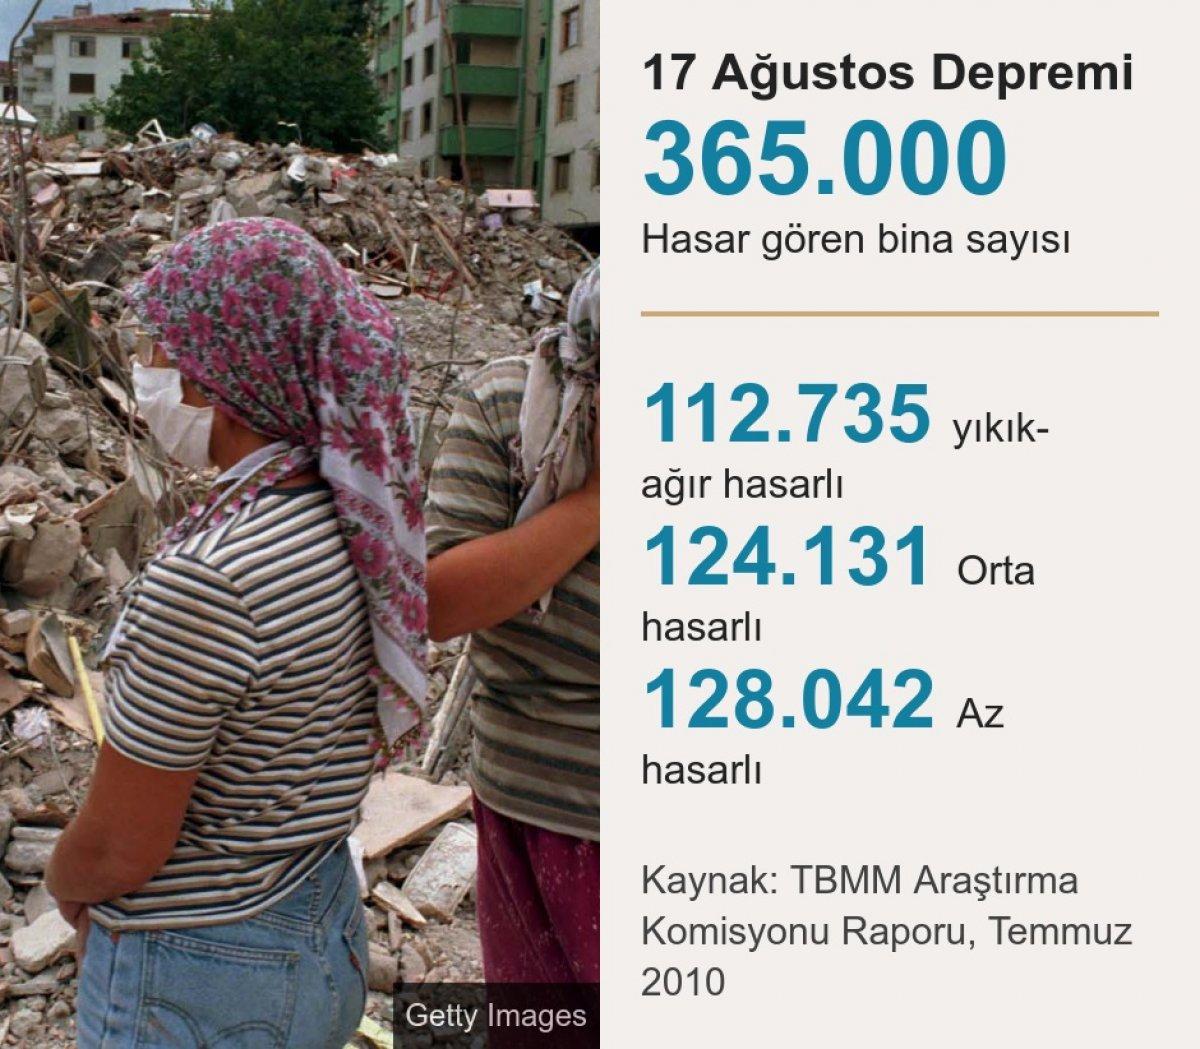 17 Ağustos 1999 depremi nerede, kaç şiddetinde oldu? 17 Ağustos depremi kaç saniye sürdü, kaç kişi öldü? #3